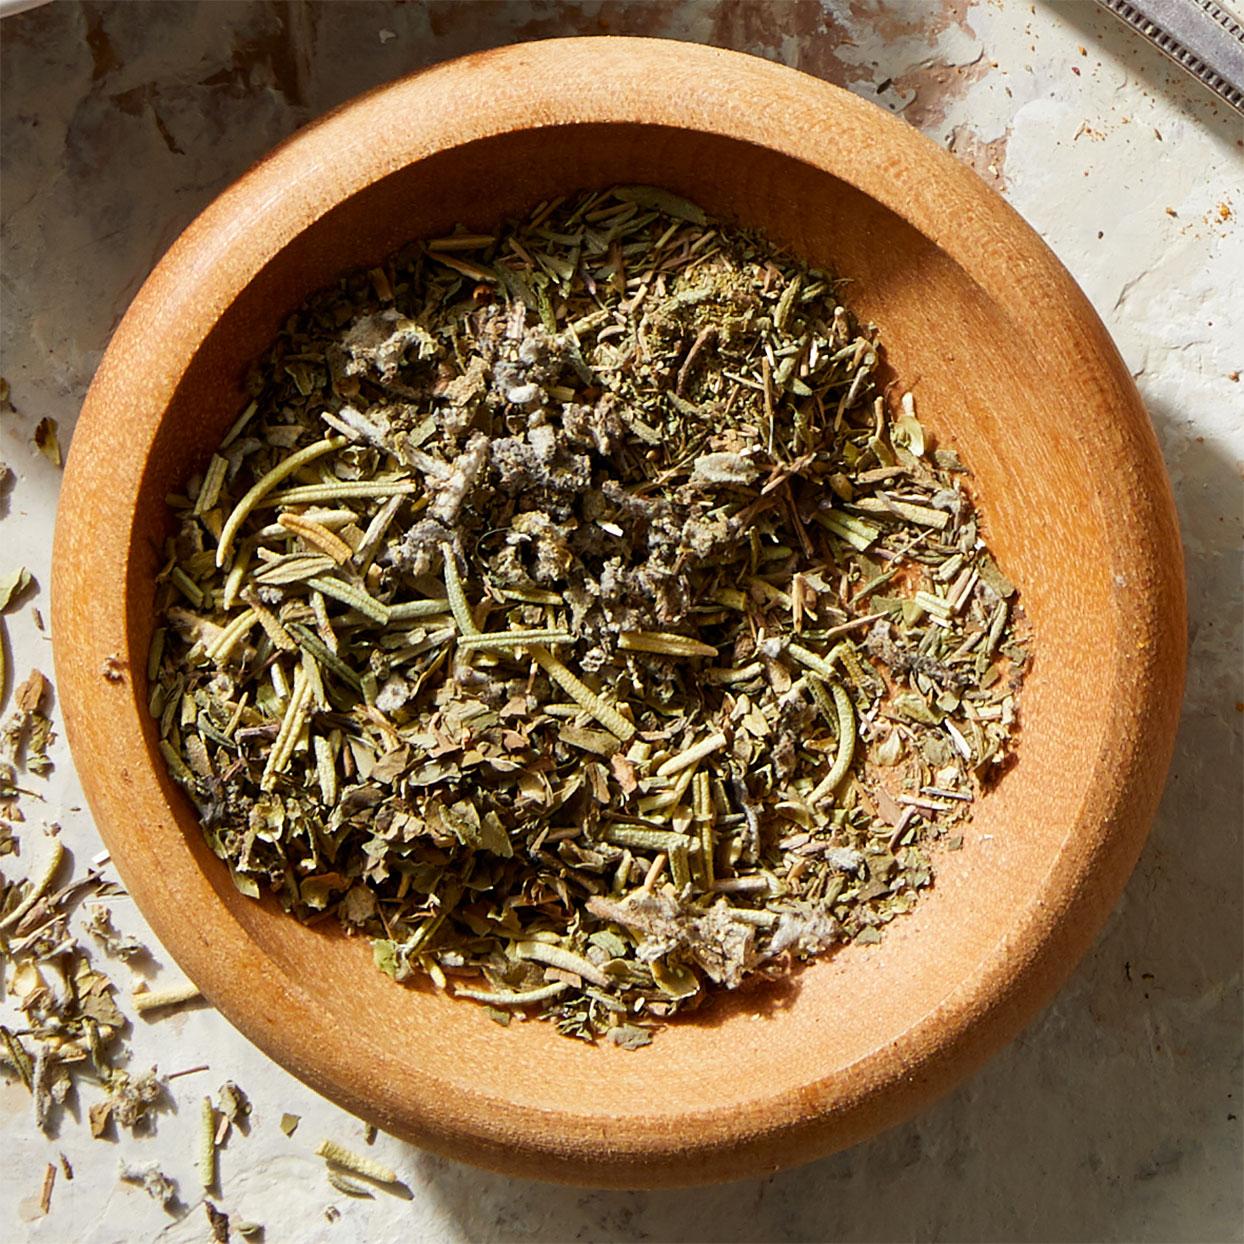 Mediterranean Herb Mix Trusted Brands